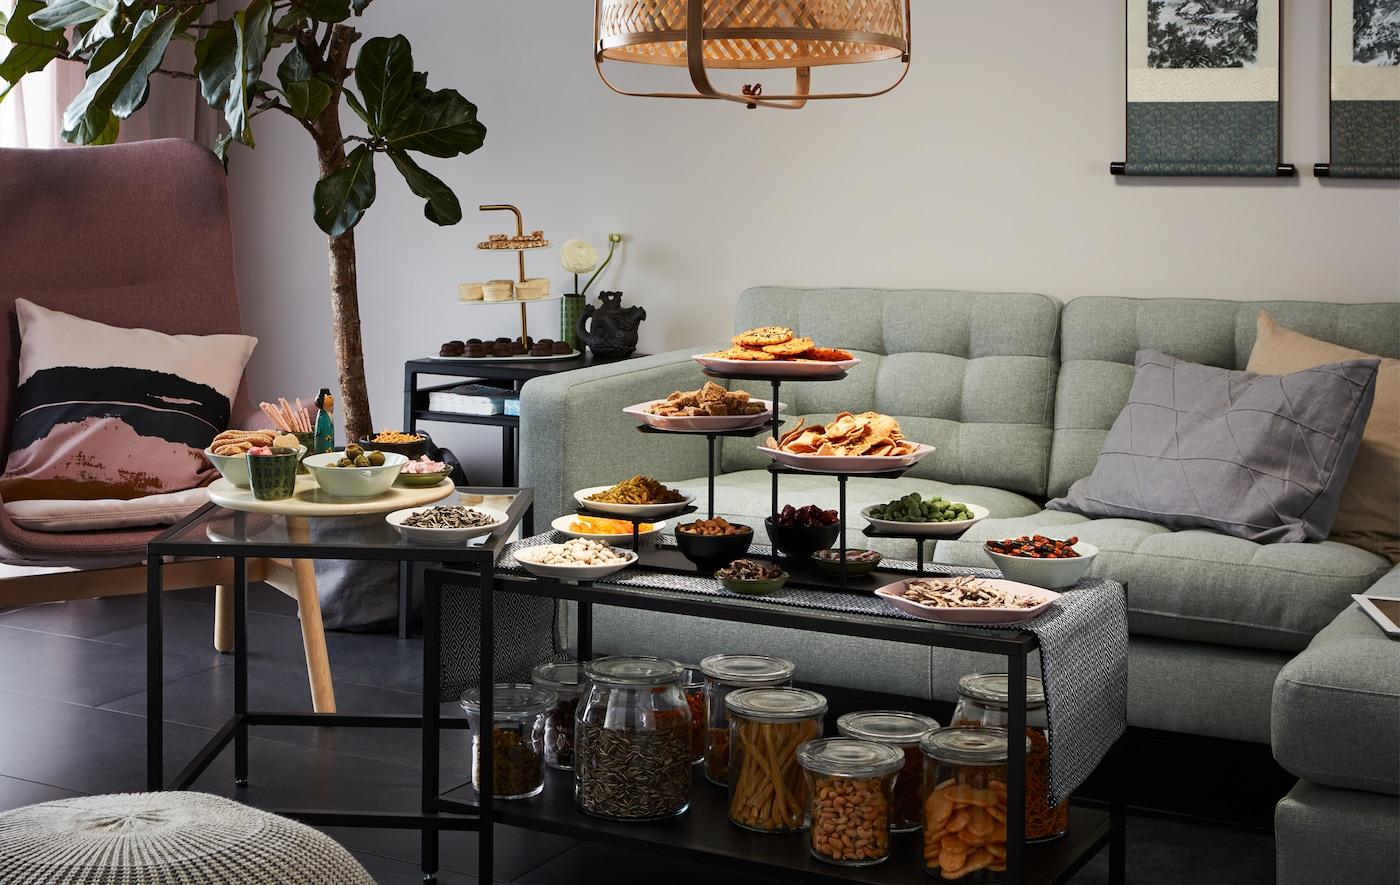 منطقة غرفة الجلوس مع كنبة زاوية وكرسي، أمامها مجموعة من الطاولات المتداخلة المحملة بالوجبات الخفيفة، المخزنة والمقدّمة.